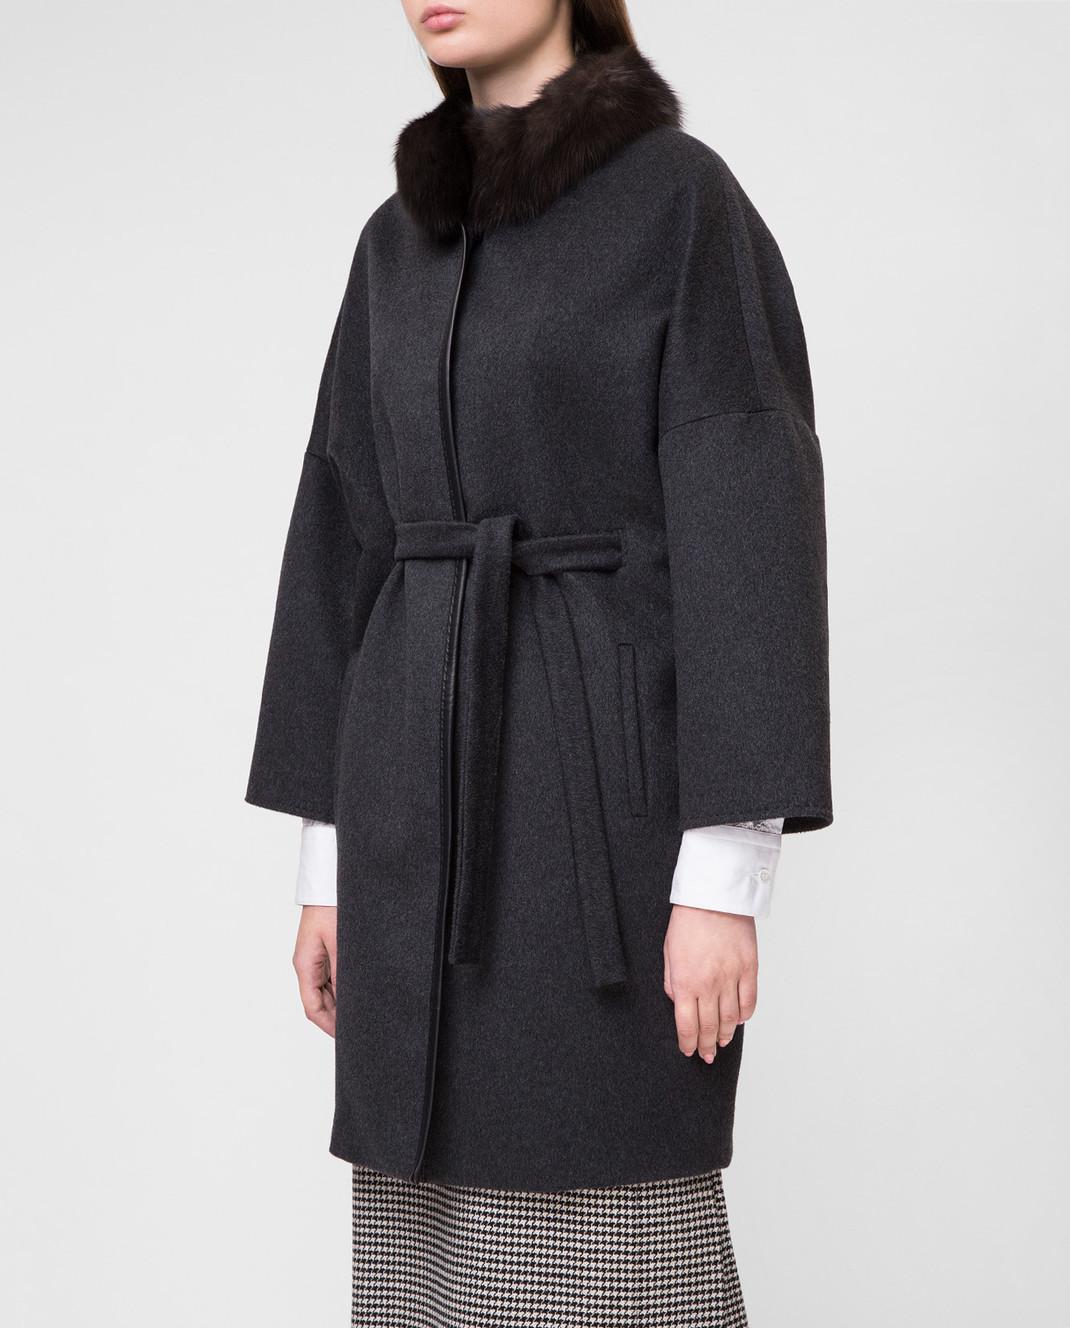 Real Furs House Темно-серое пальто CSR7177 изображение 3